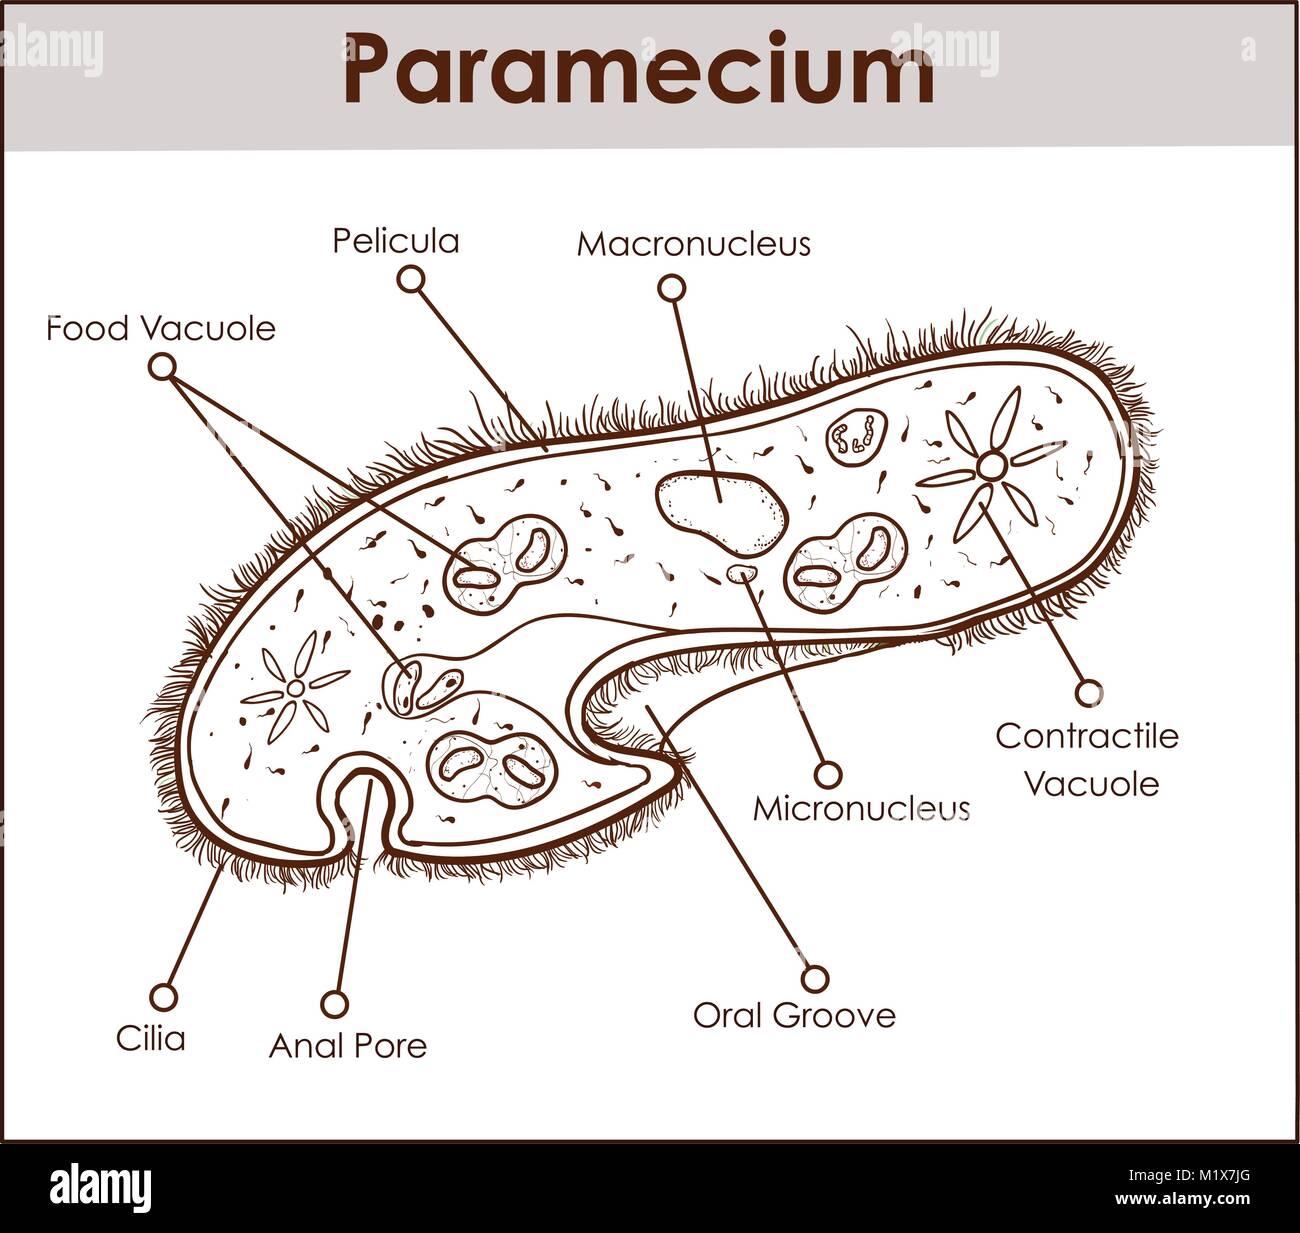 diagram of parts of the foot paramecium stock photos & paramecium stock images - alamy